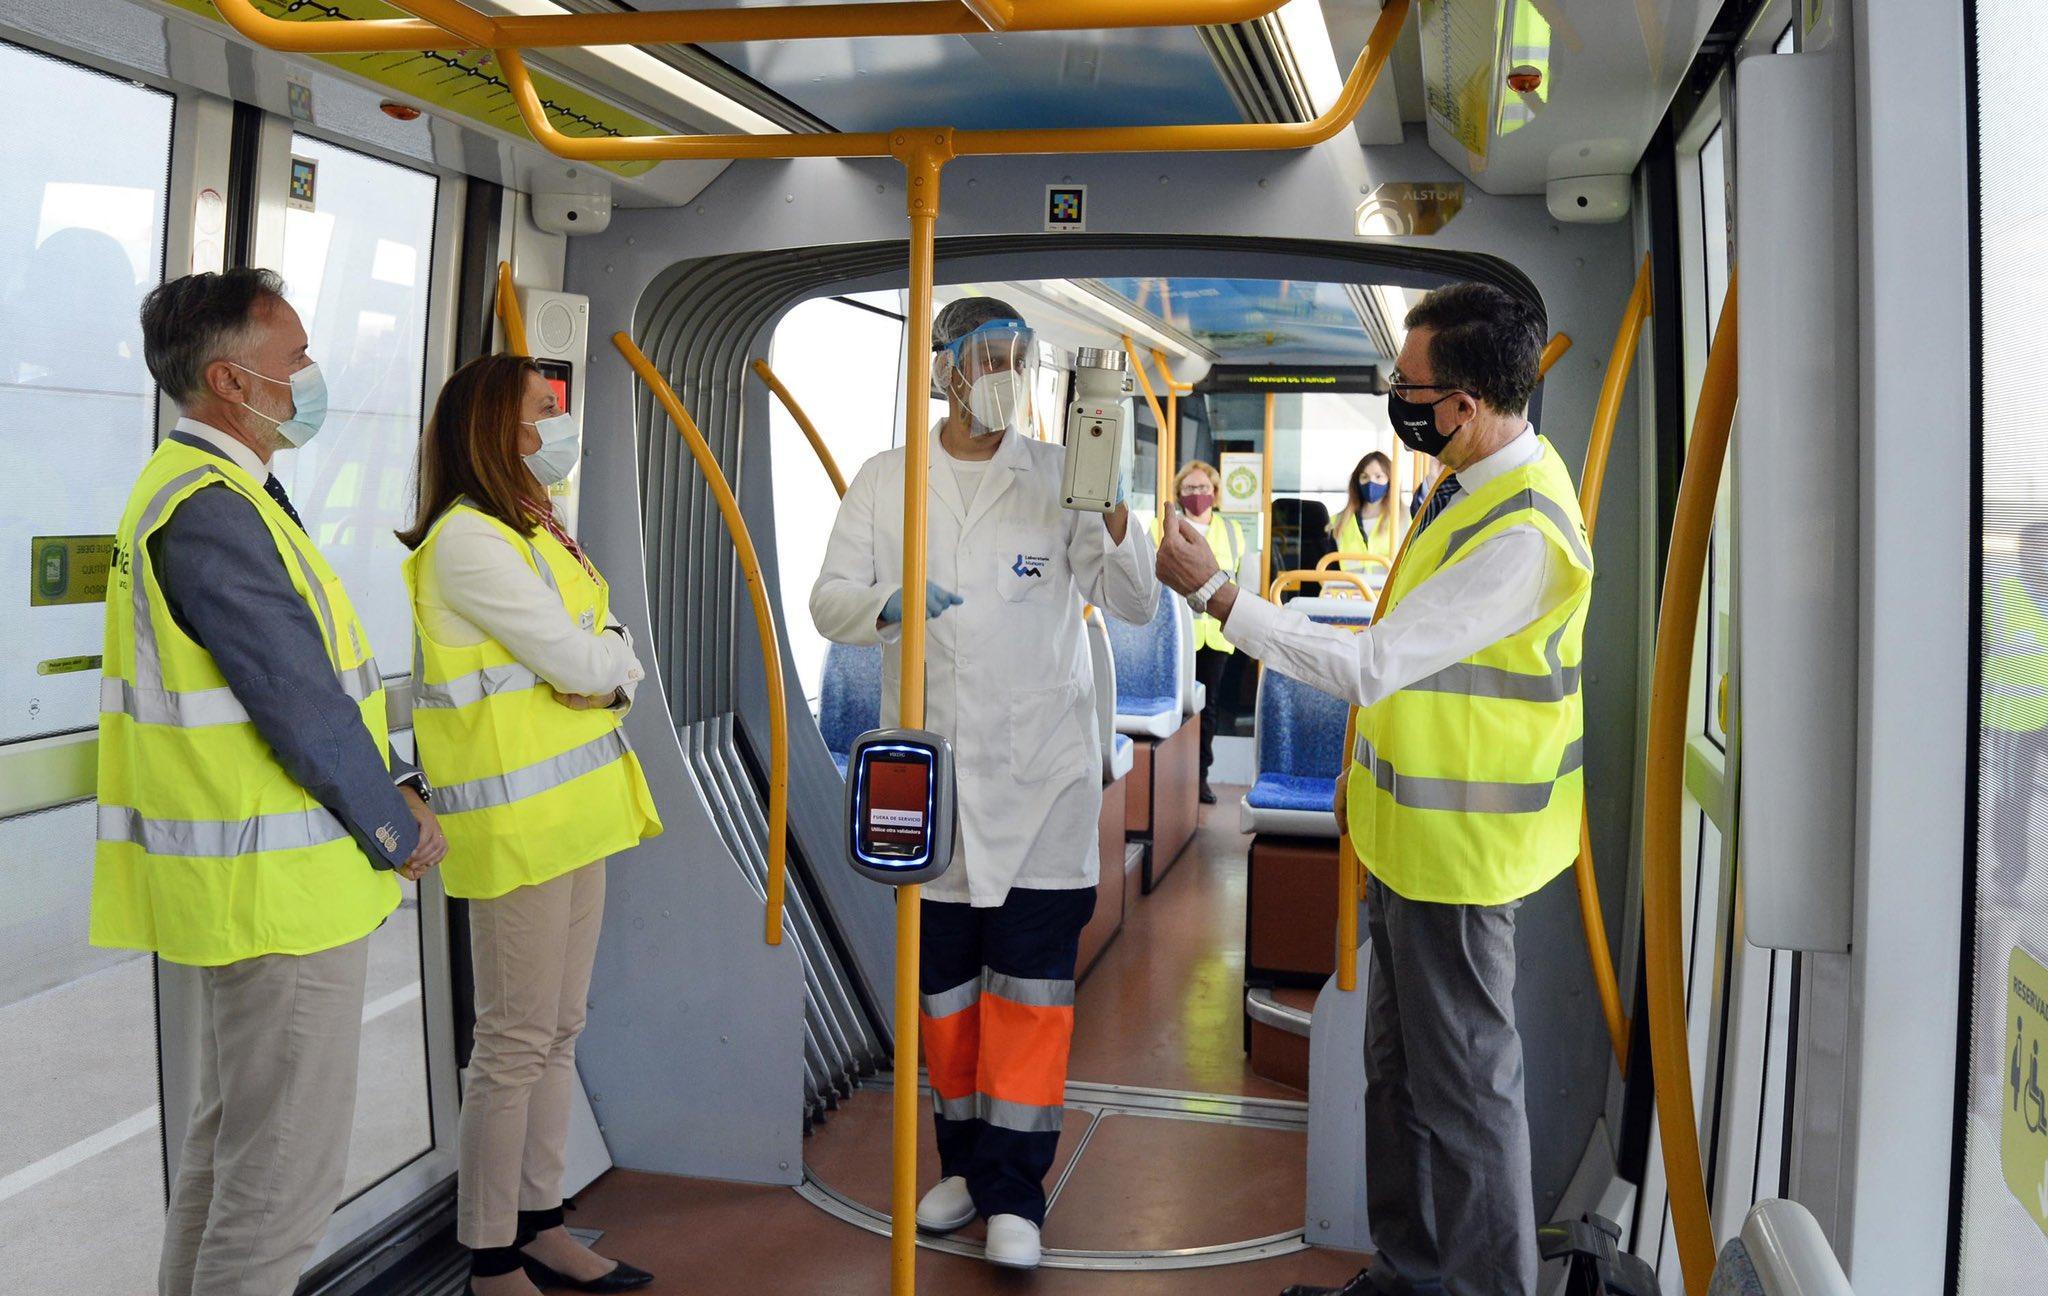 Los controles periódicos para la detección de trazas de Covid-19 confirman la seguridad del tranvía